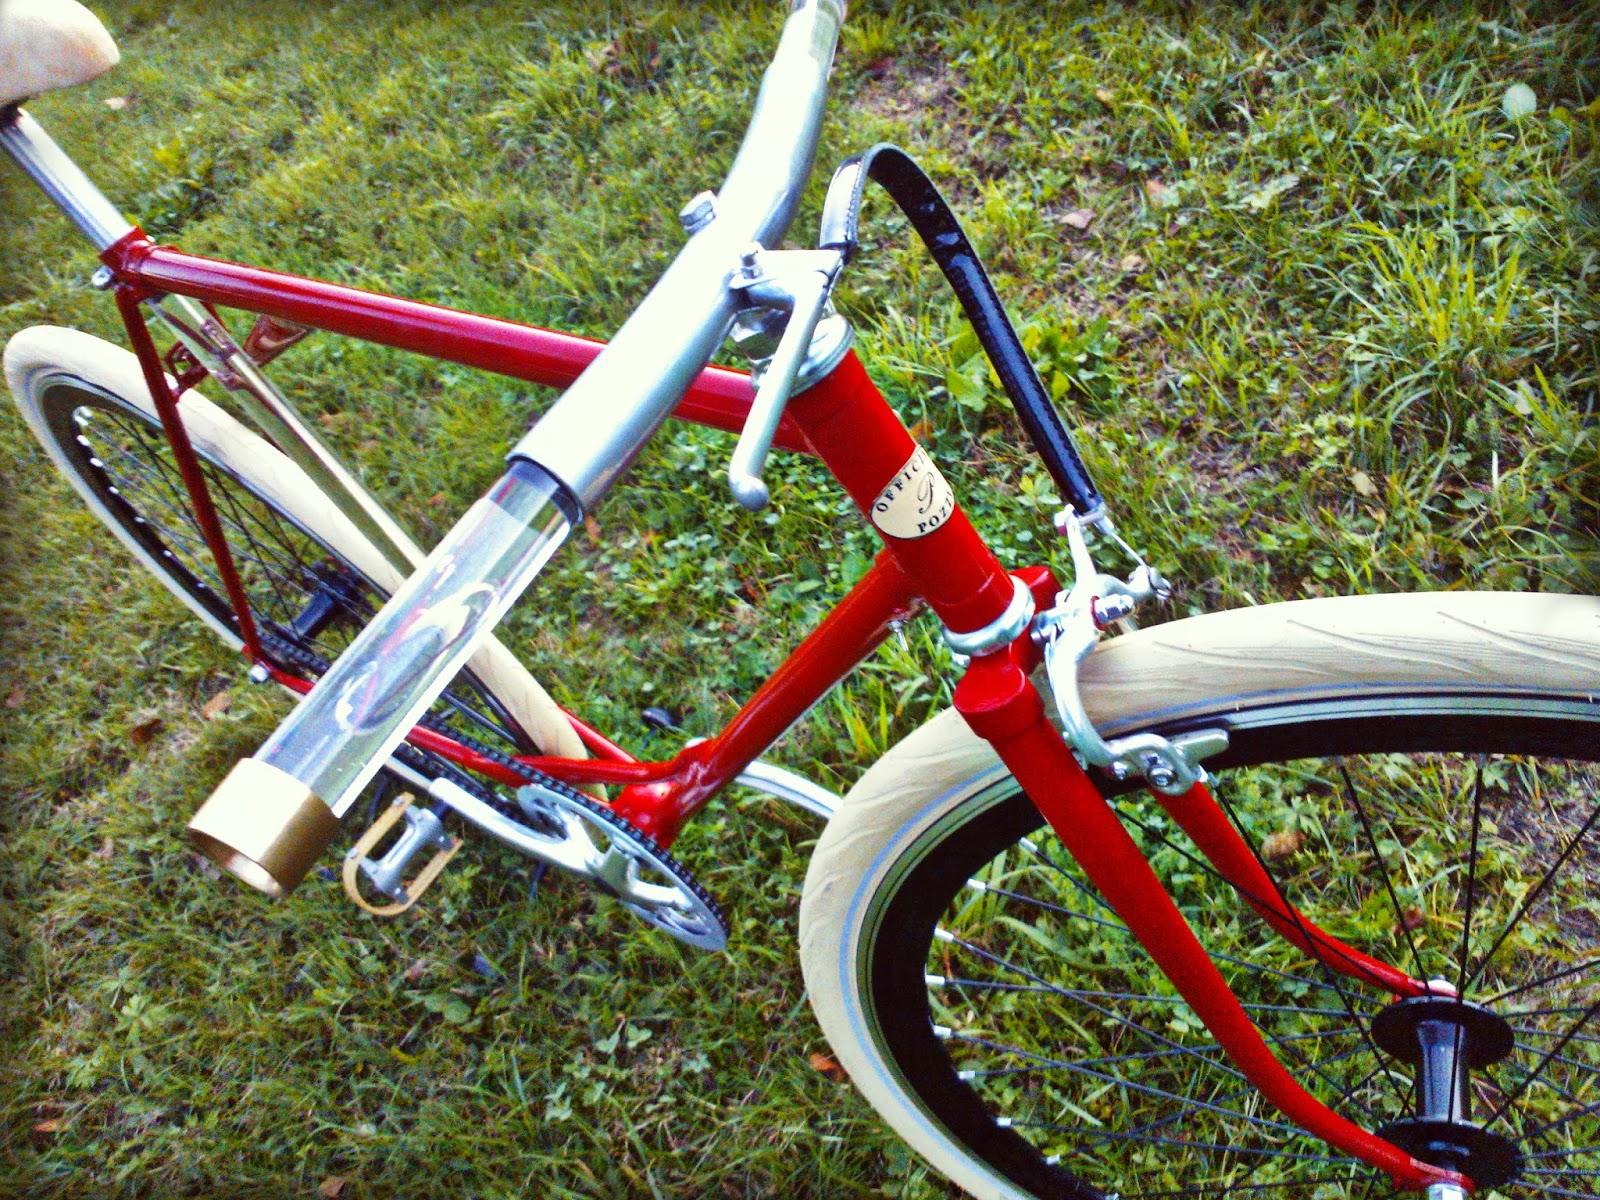 Officine pozzi sesto bici fisse